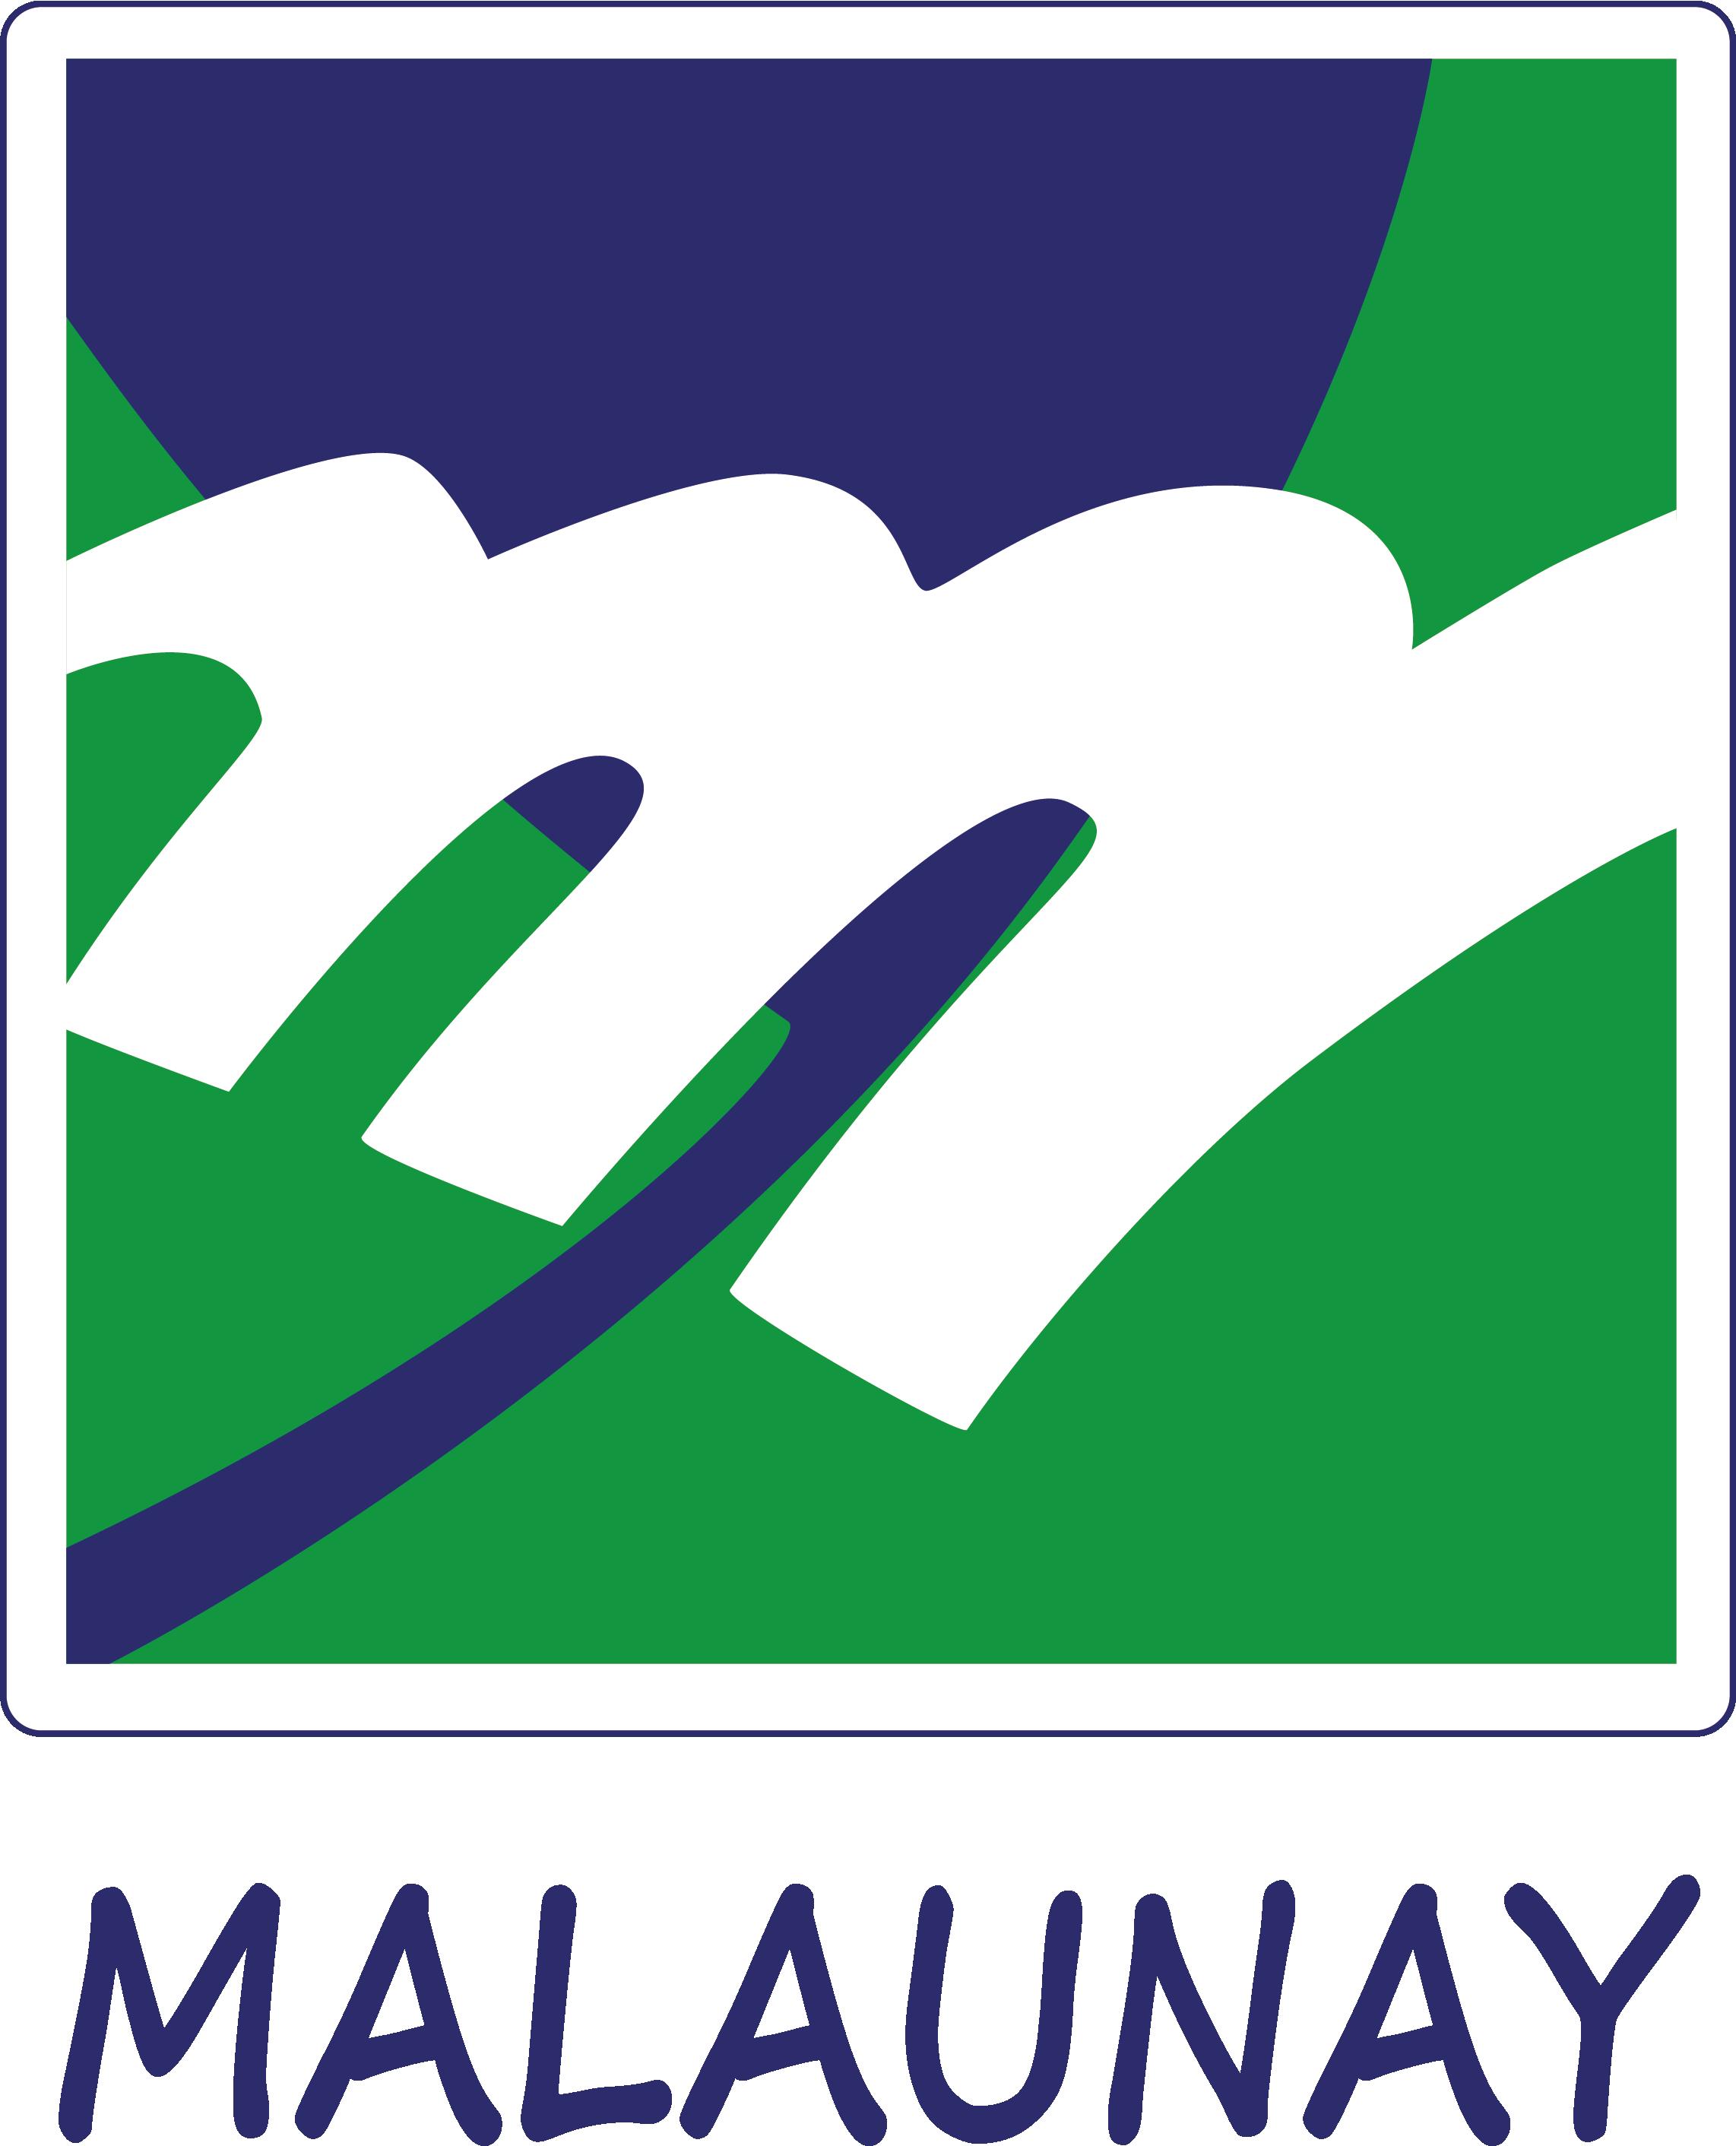 P331 logo miniature malaunay 1